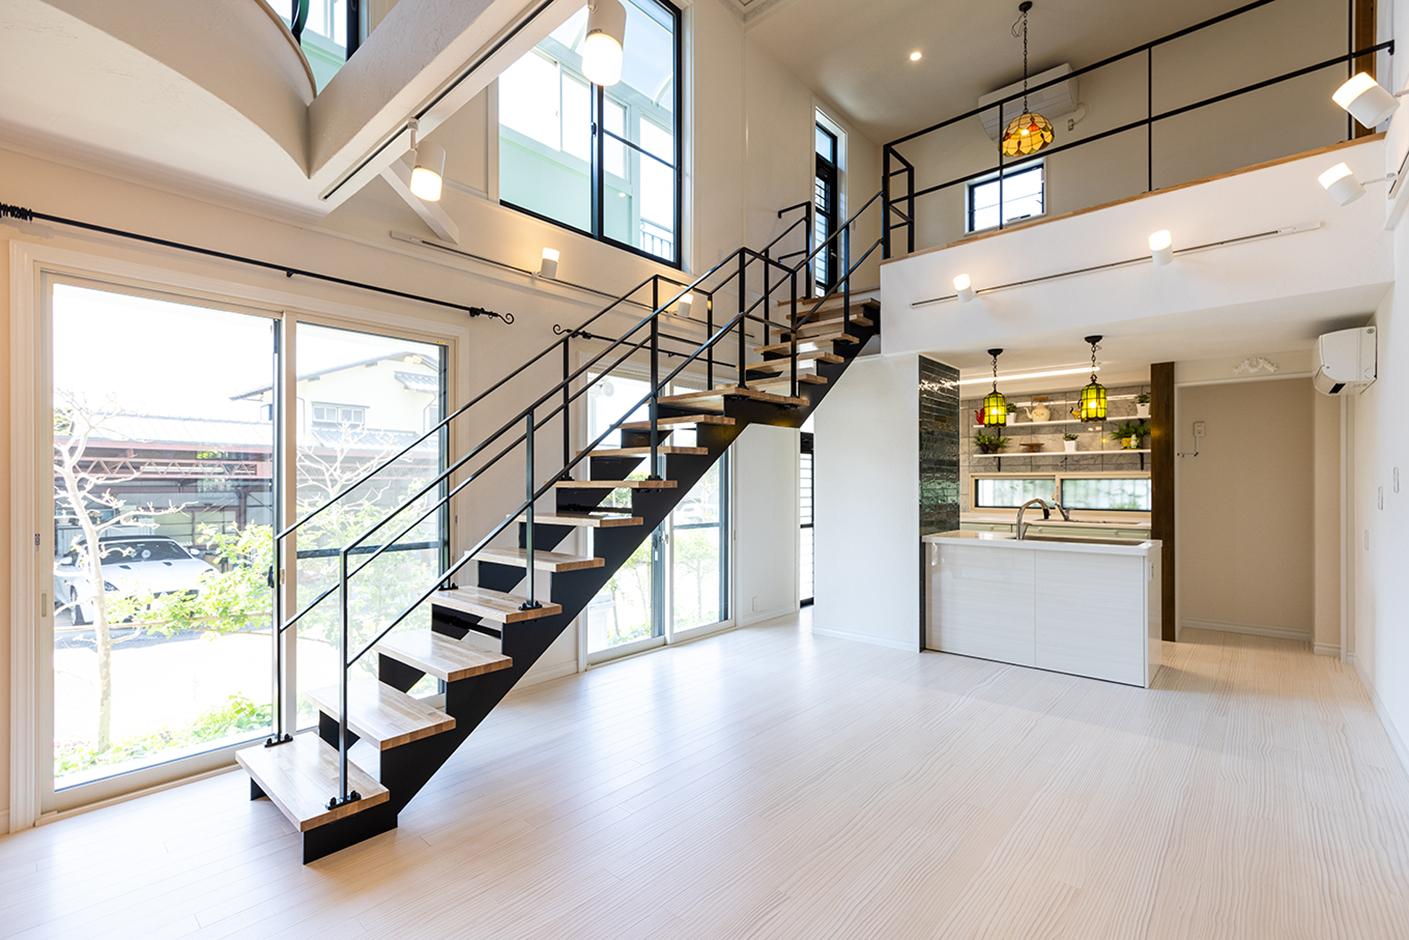 山春建設 2階リビングの床を壊し、広くて温かみのある大きな吹抜けが完成した。壁全体は空気を洗う調湿機能に優れた漆喰で快適空間を実現。さまざまな要望を叶えた生活しやすい家になった